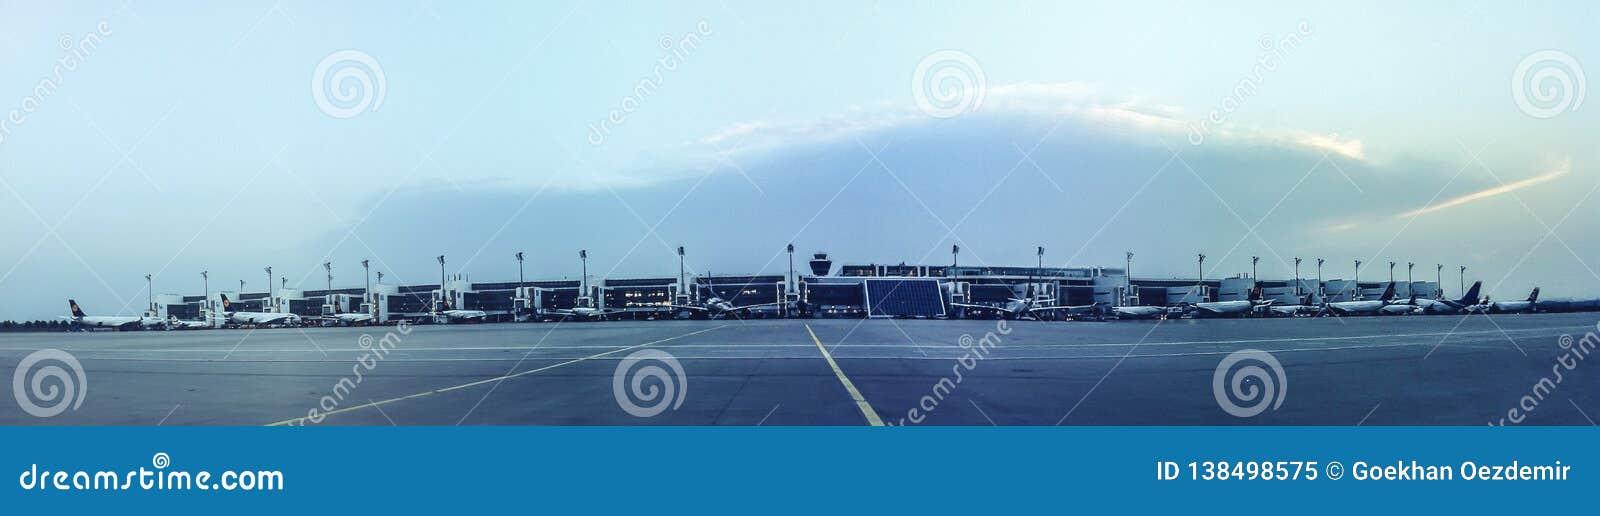 La piste de roulement et les avions d aéroport aux portes aménagent en parc